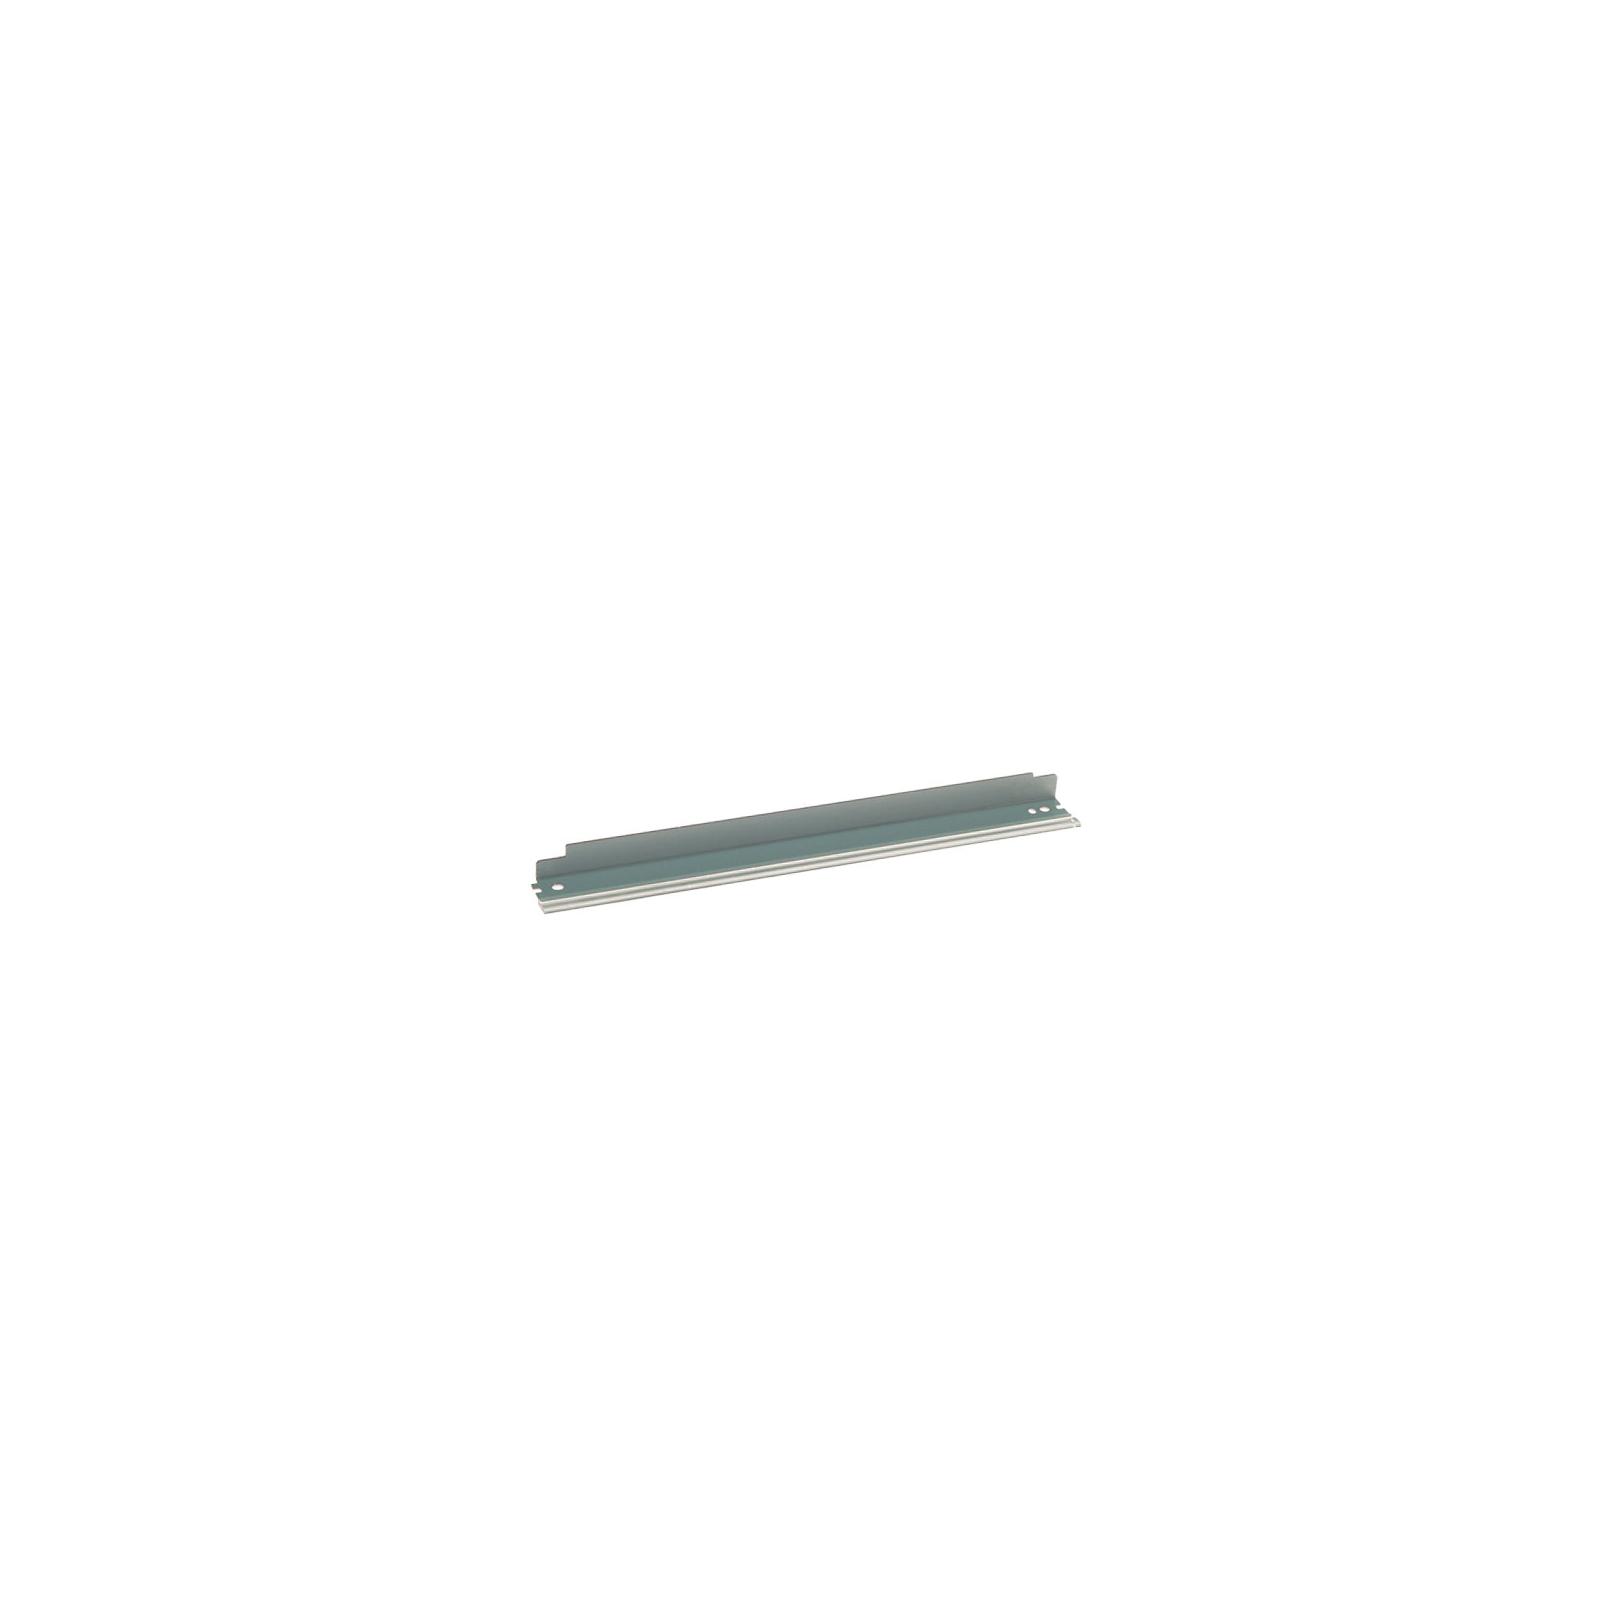 Чистящее лезвие (Ракель) HP LJ P1005/1006/1505 Kuroki (030038/DLC)